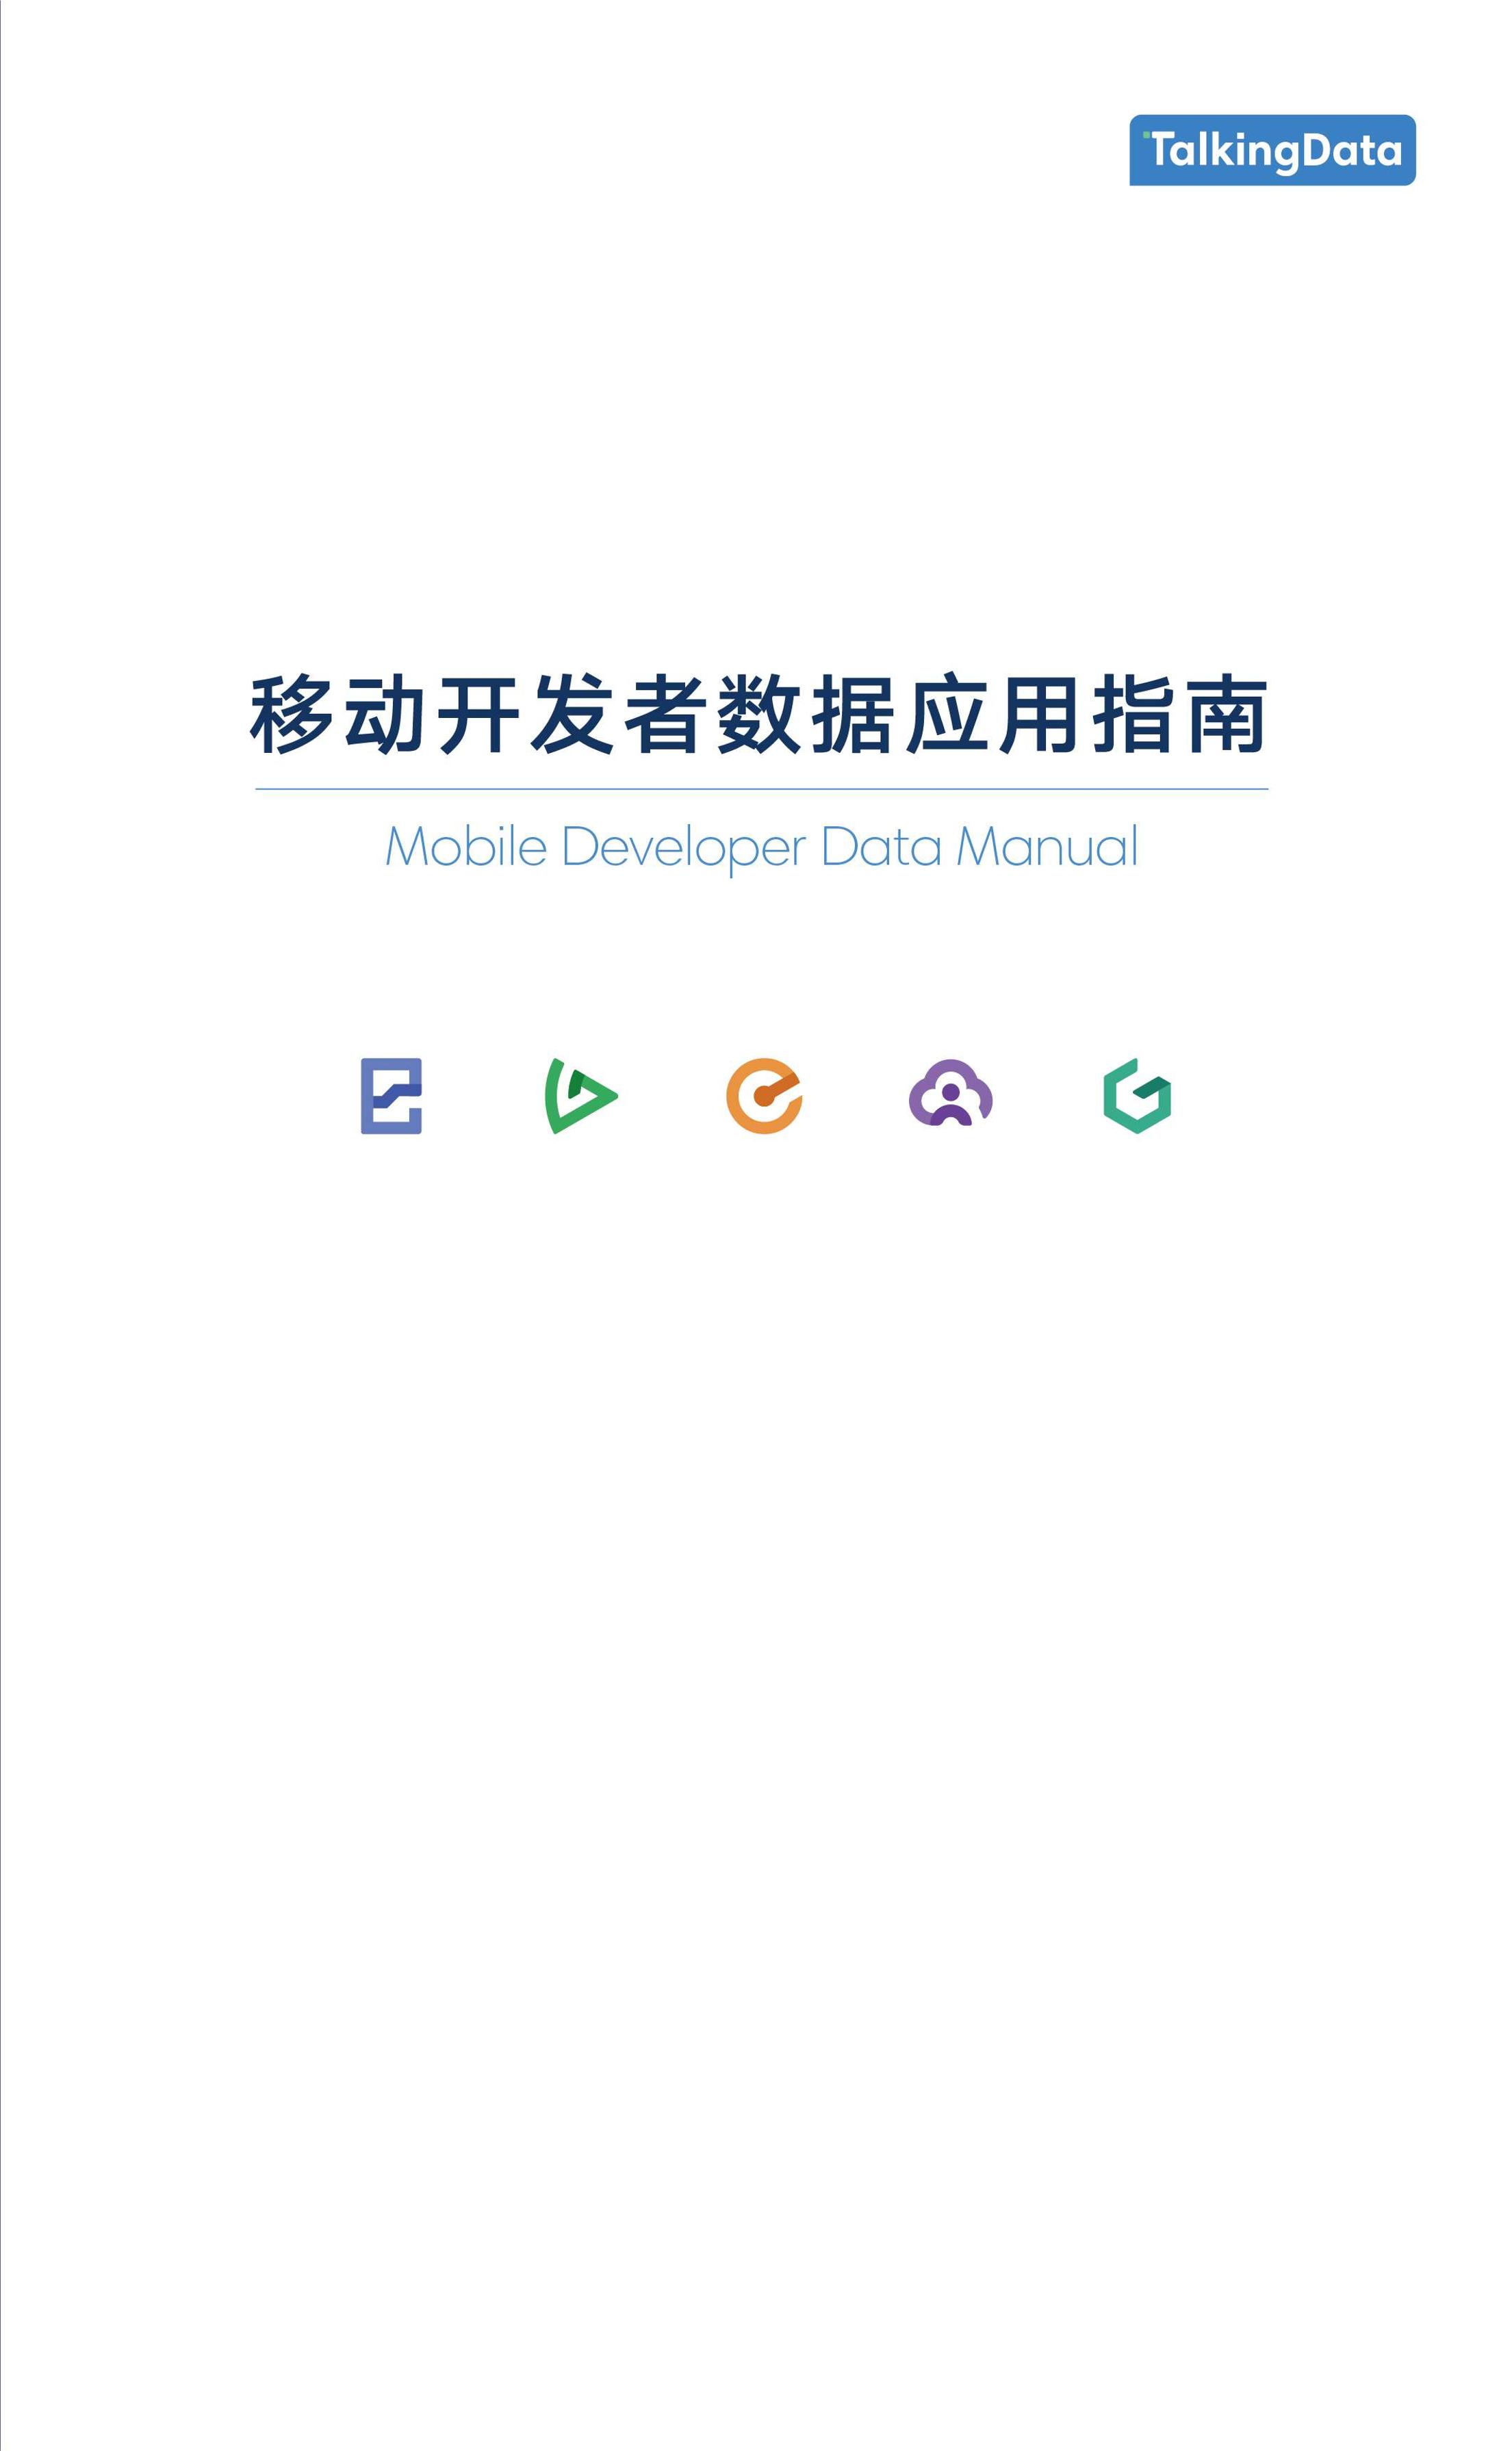 移动开发者数据应用指南v2019_1576656143939-1